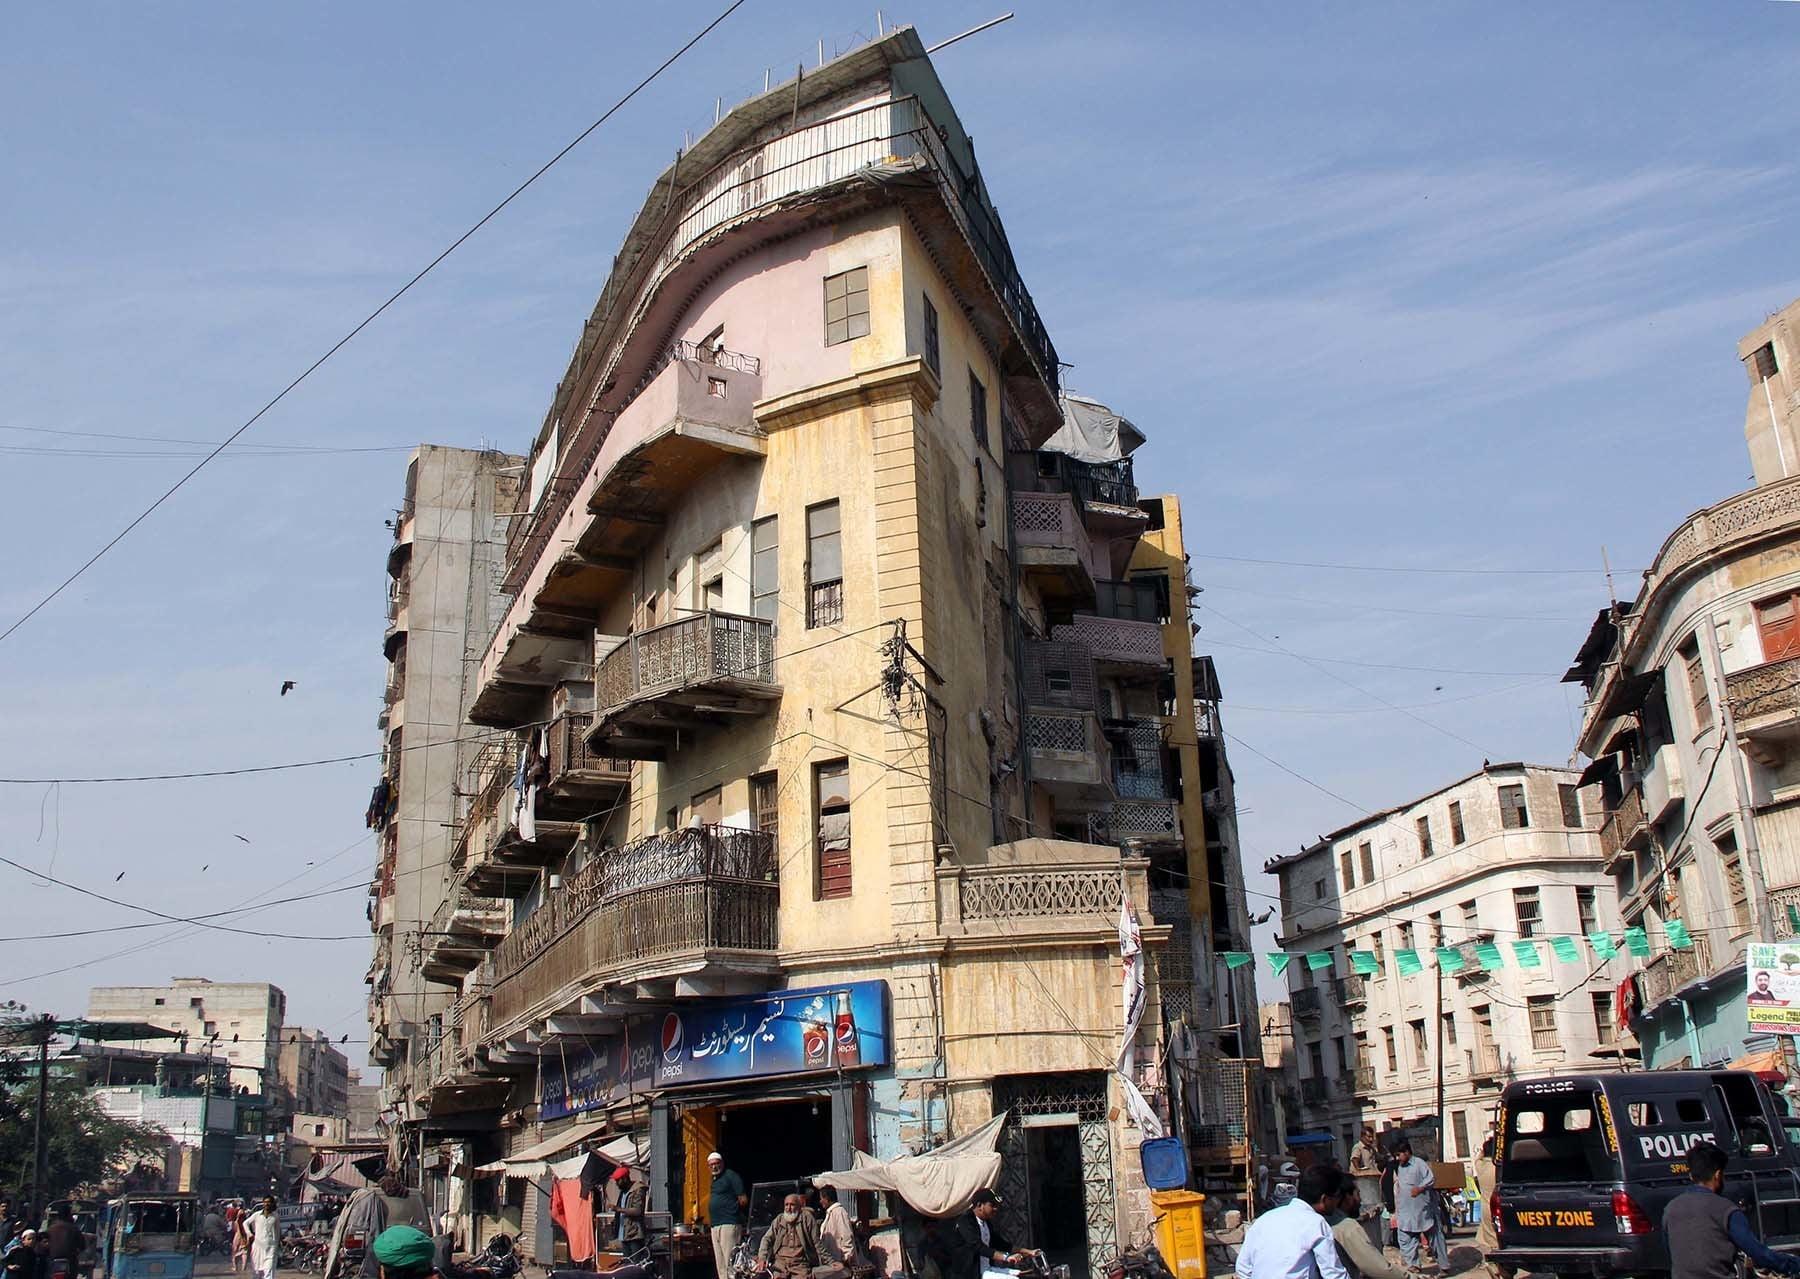 نسیم ریسٹورنٹ، کراچی—تصویر اعجاز کورائی